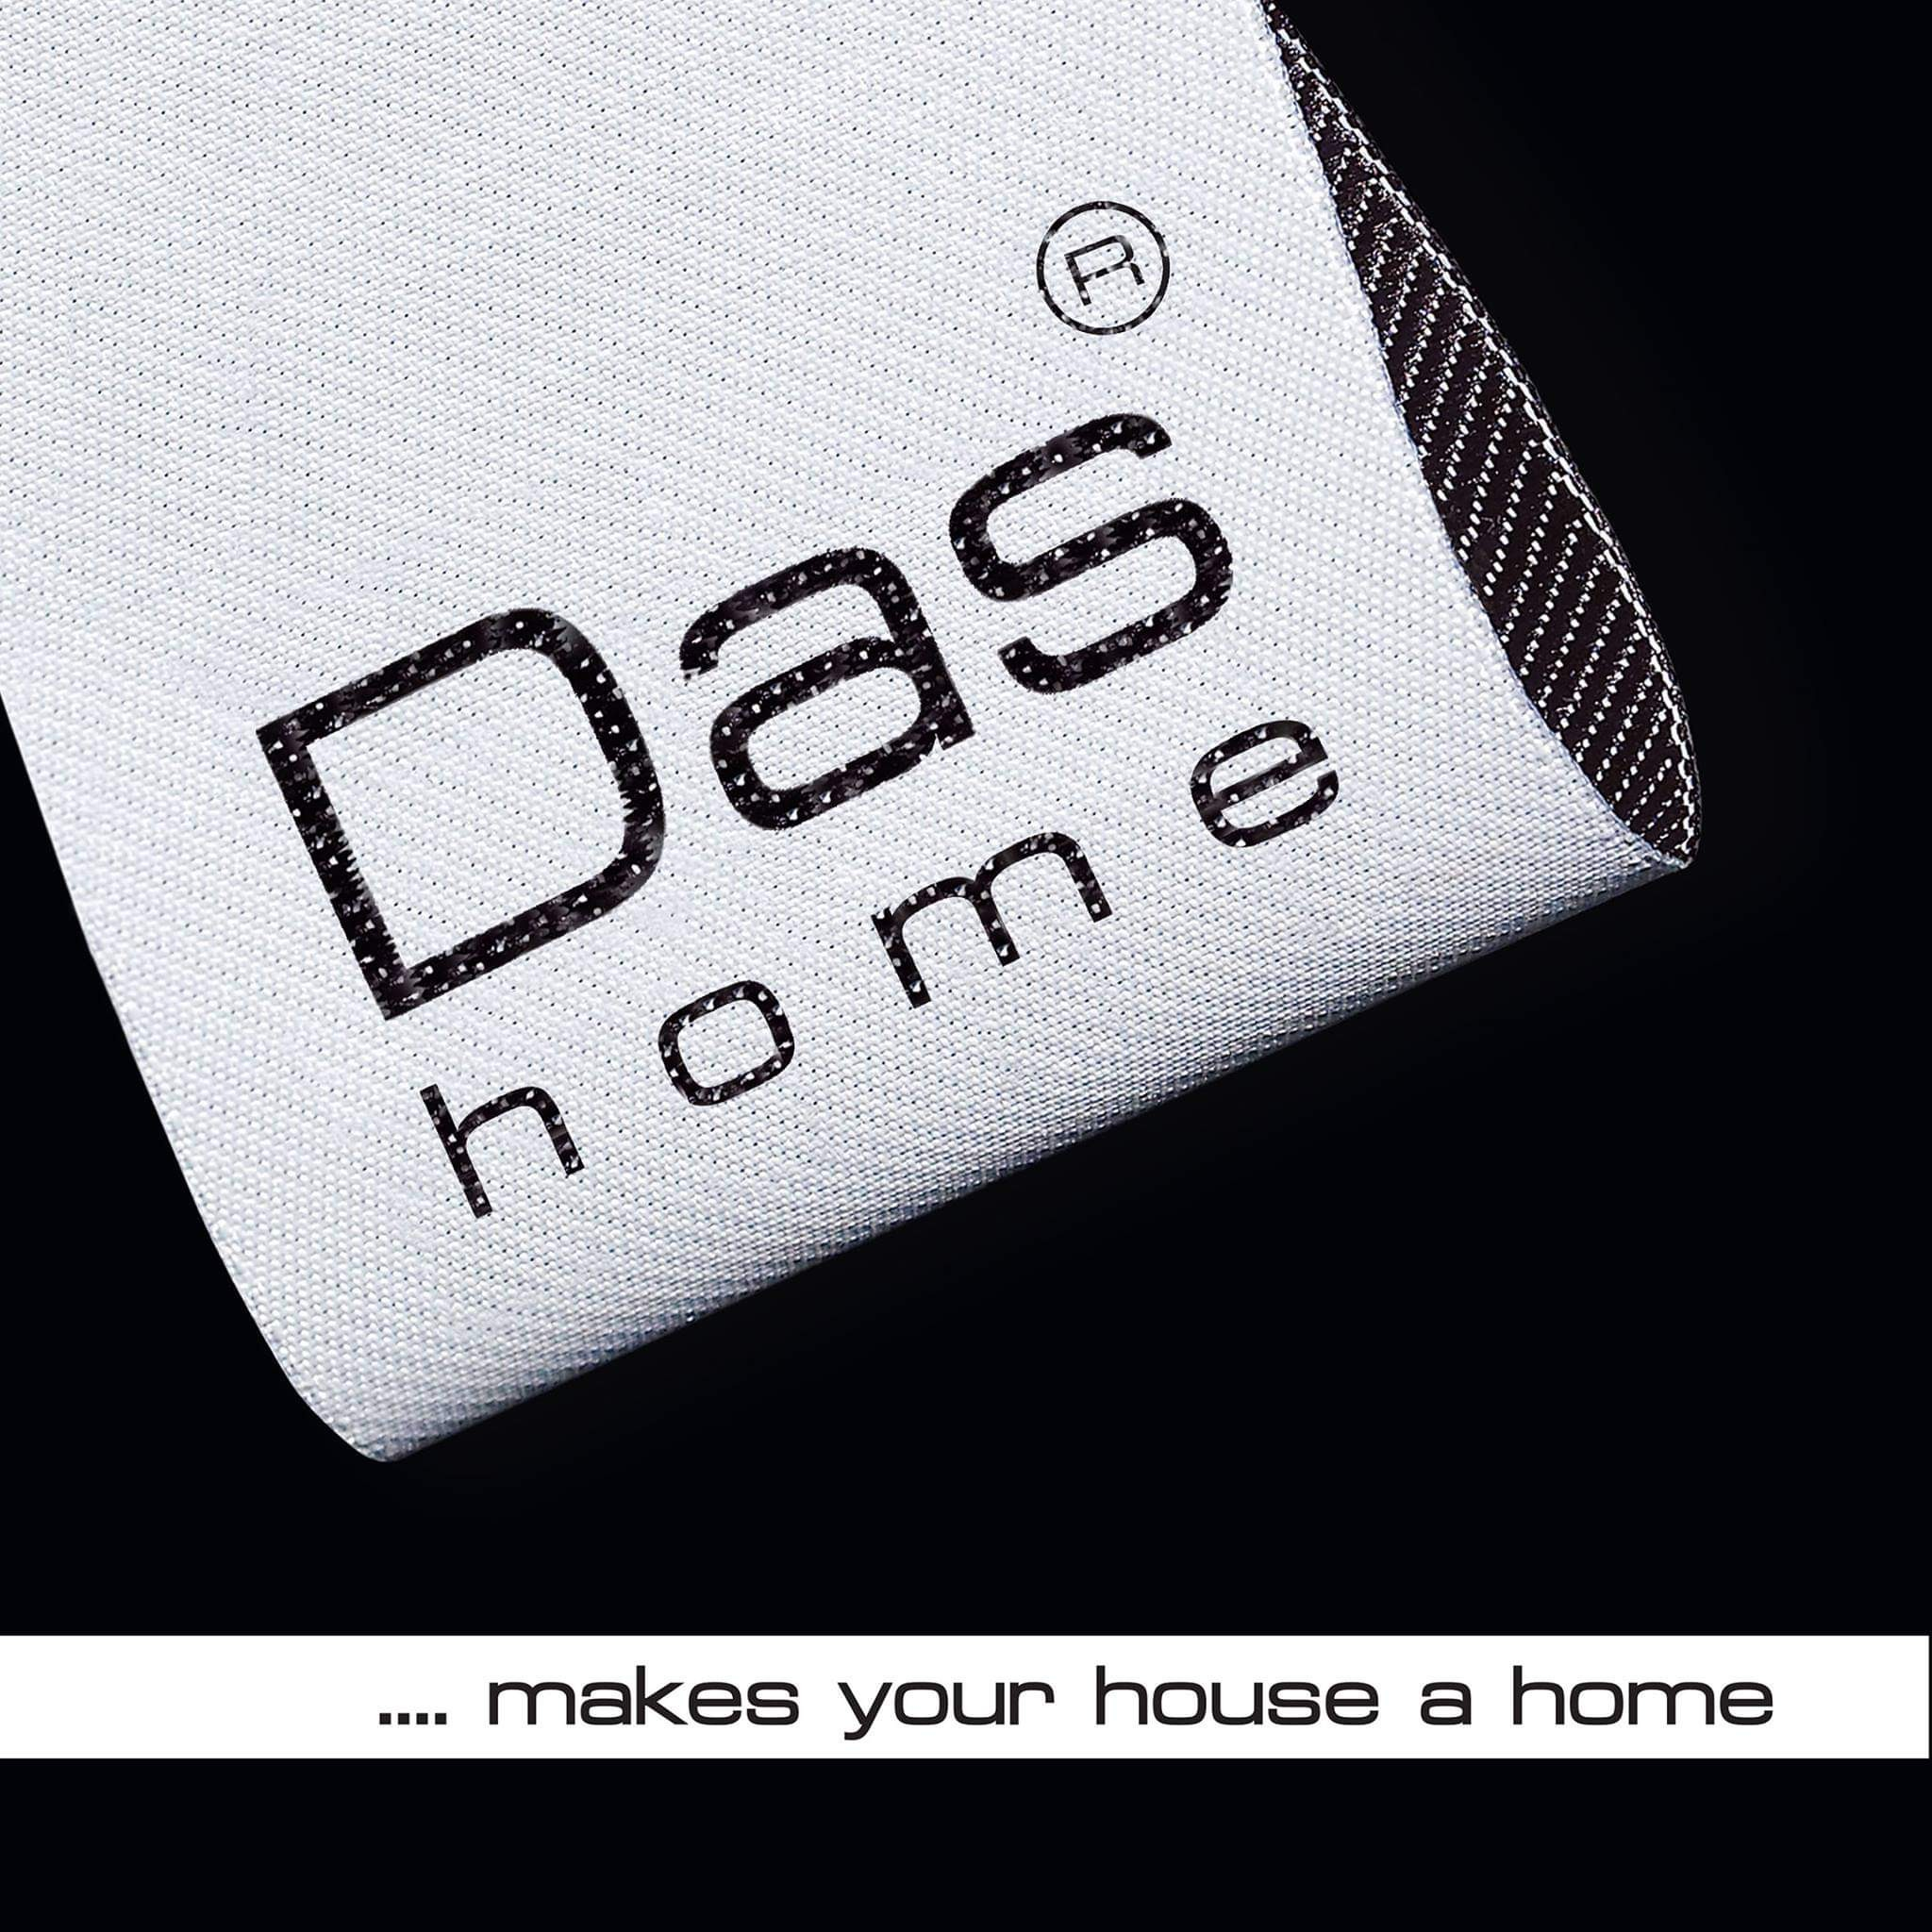 Das Home